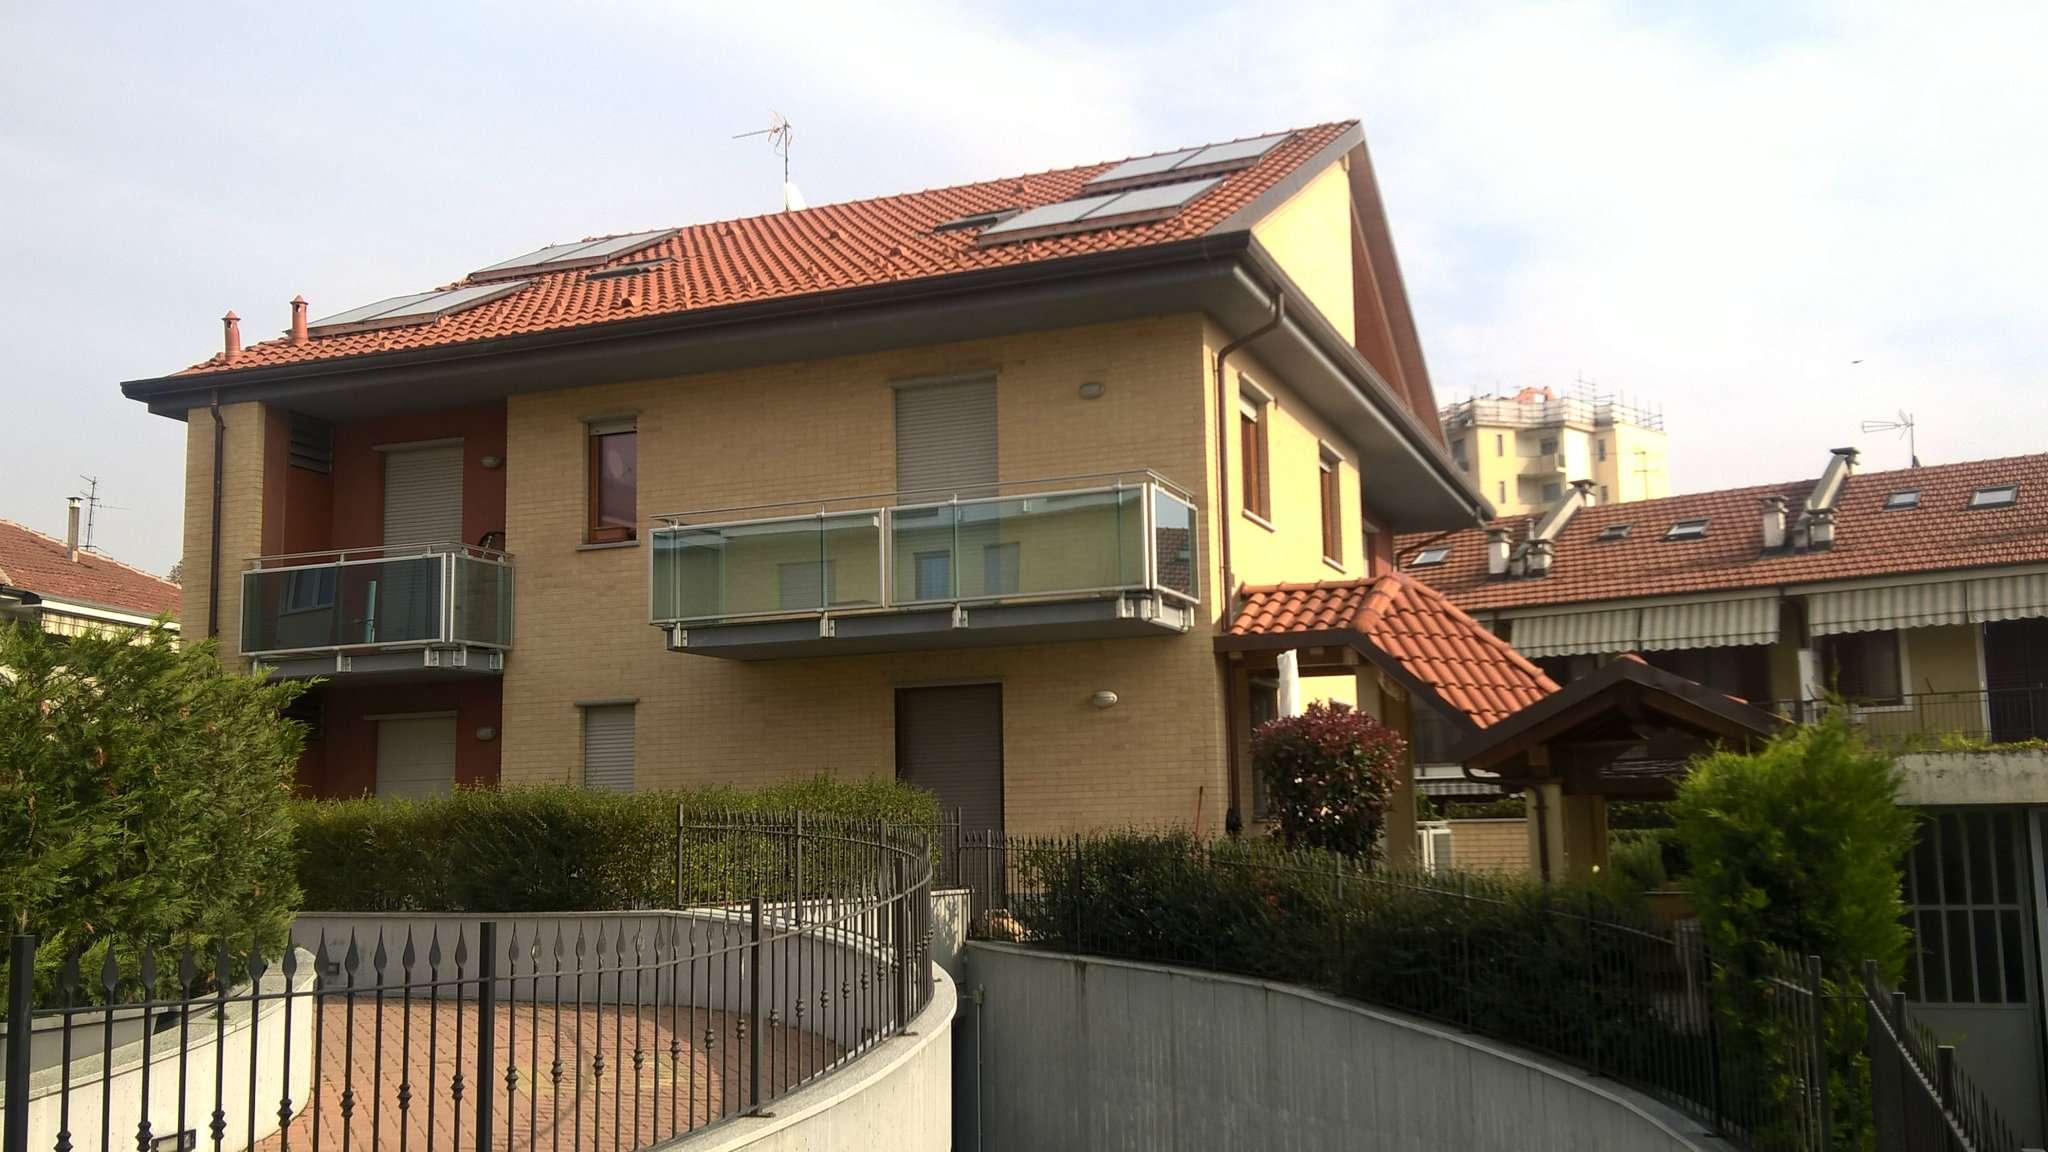 Appartamento in vendita a Trofarello, 4 locali, prezzo € 70.000 | Cambio Casa.it